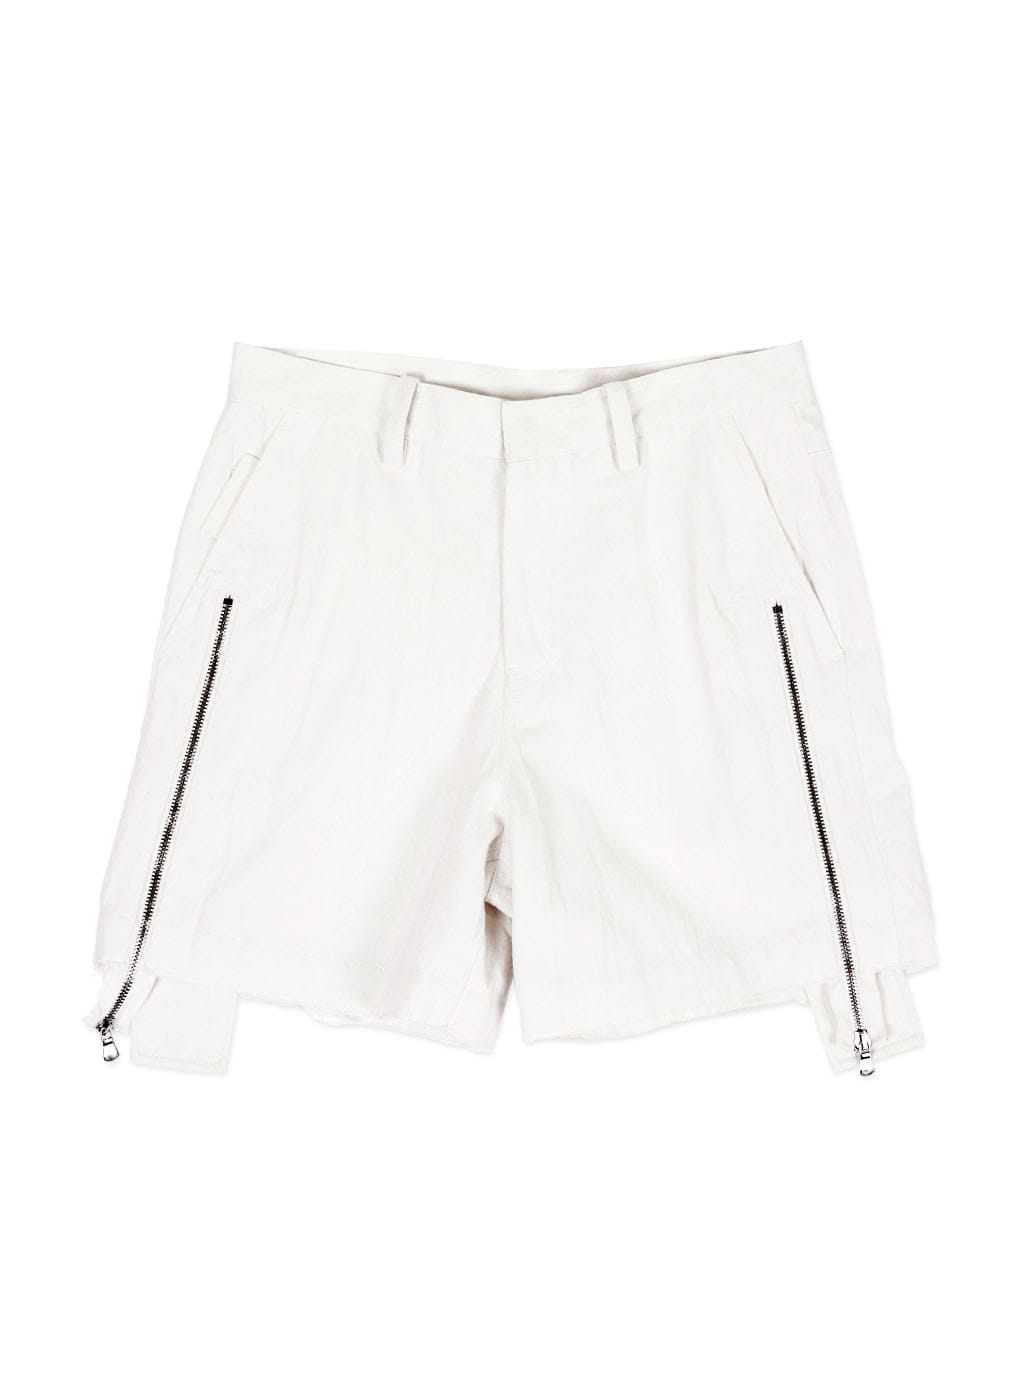 White Denim Zipper Shorts